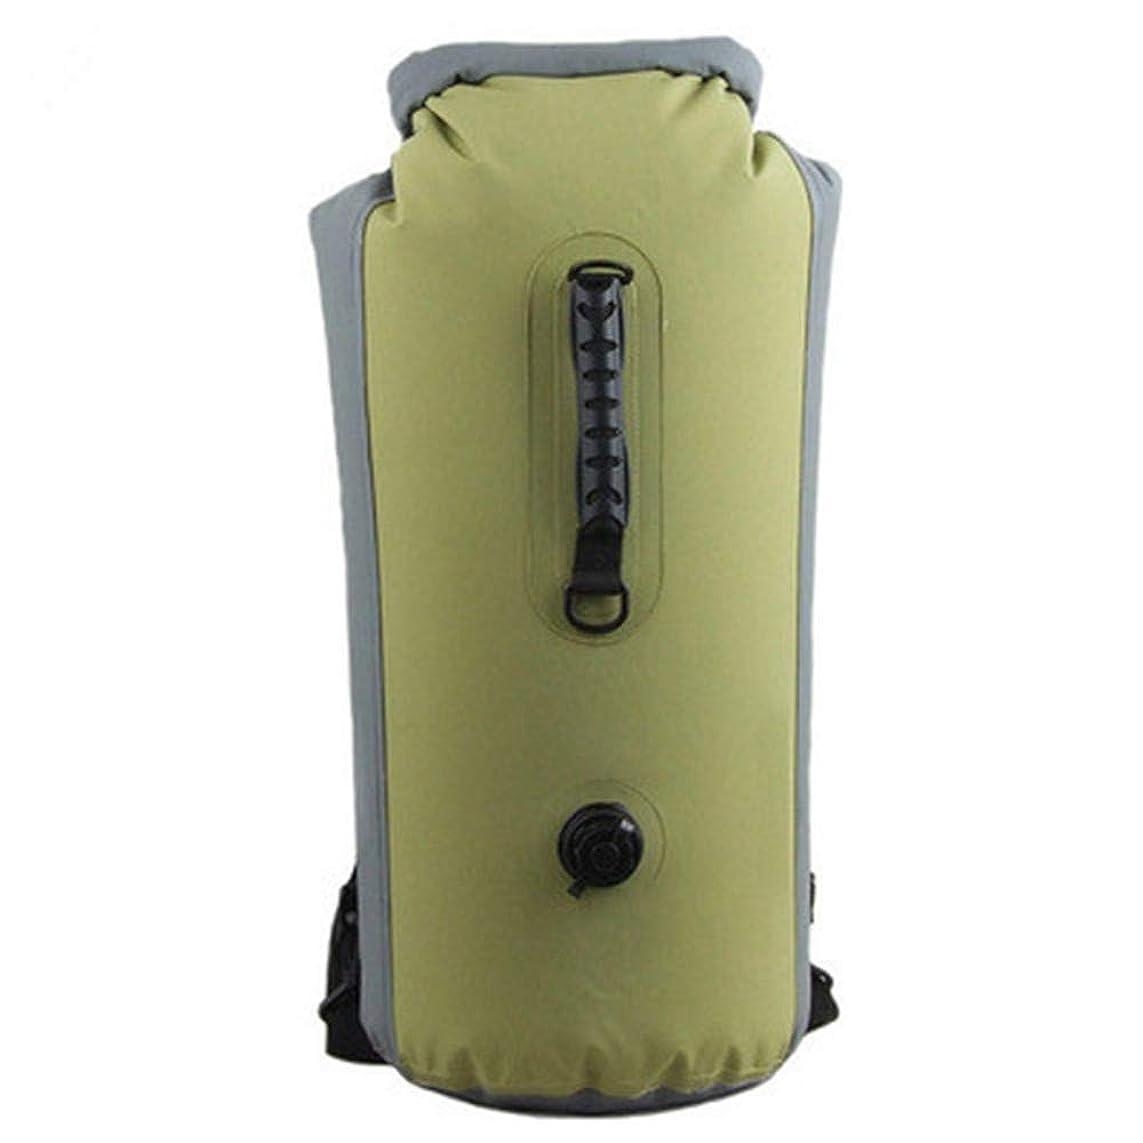 巨人派手焦がす2パック防水インフレータブルドライバッグ25L、簡単アクセスフロントジッパー付きポケット、カヤック、ラフティング、ボート、水泳、キャンプ用ヘビーデューティロールトップクロージャー,Green